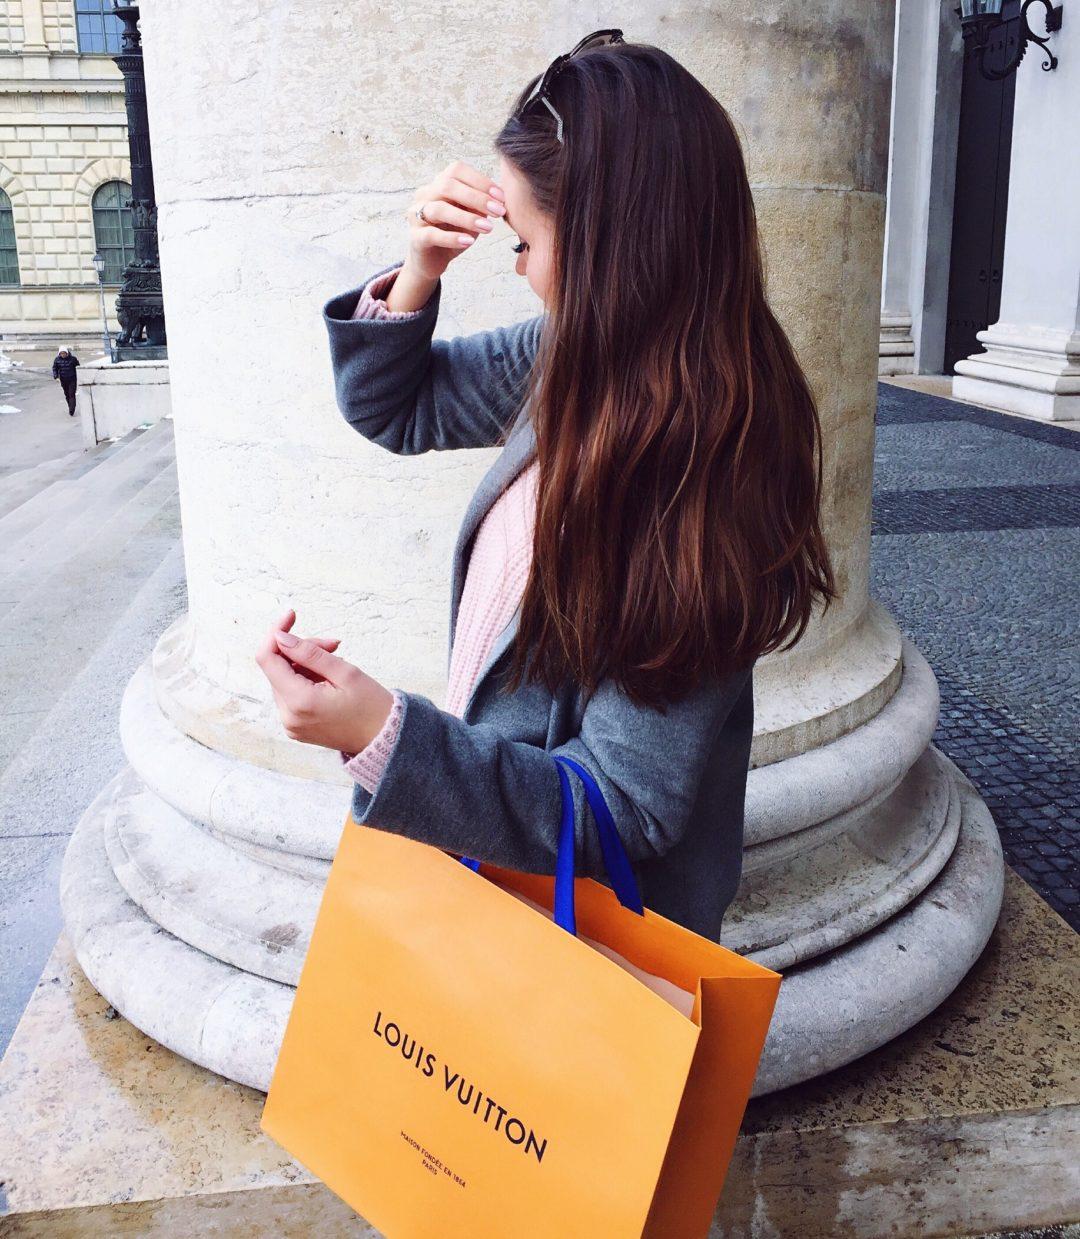 Unboxing Louis Vuitton